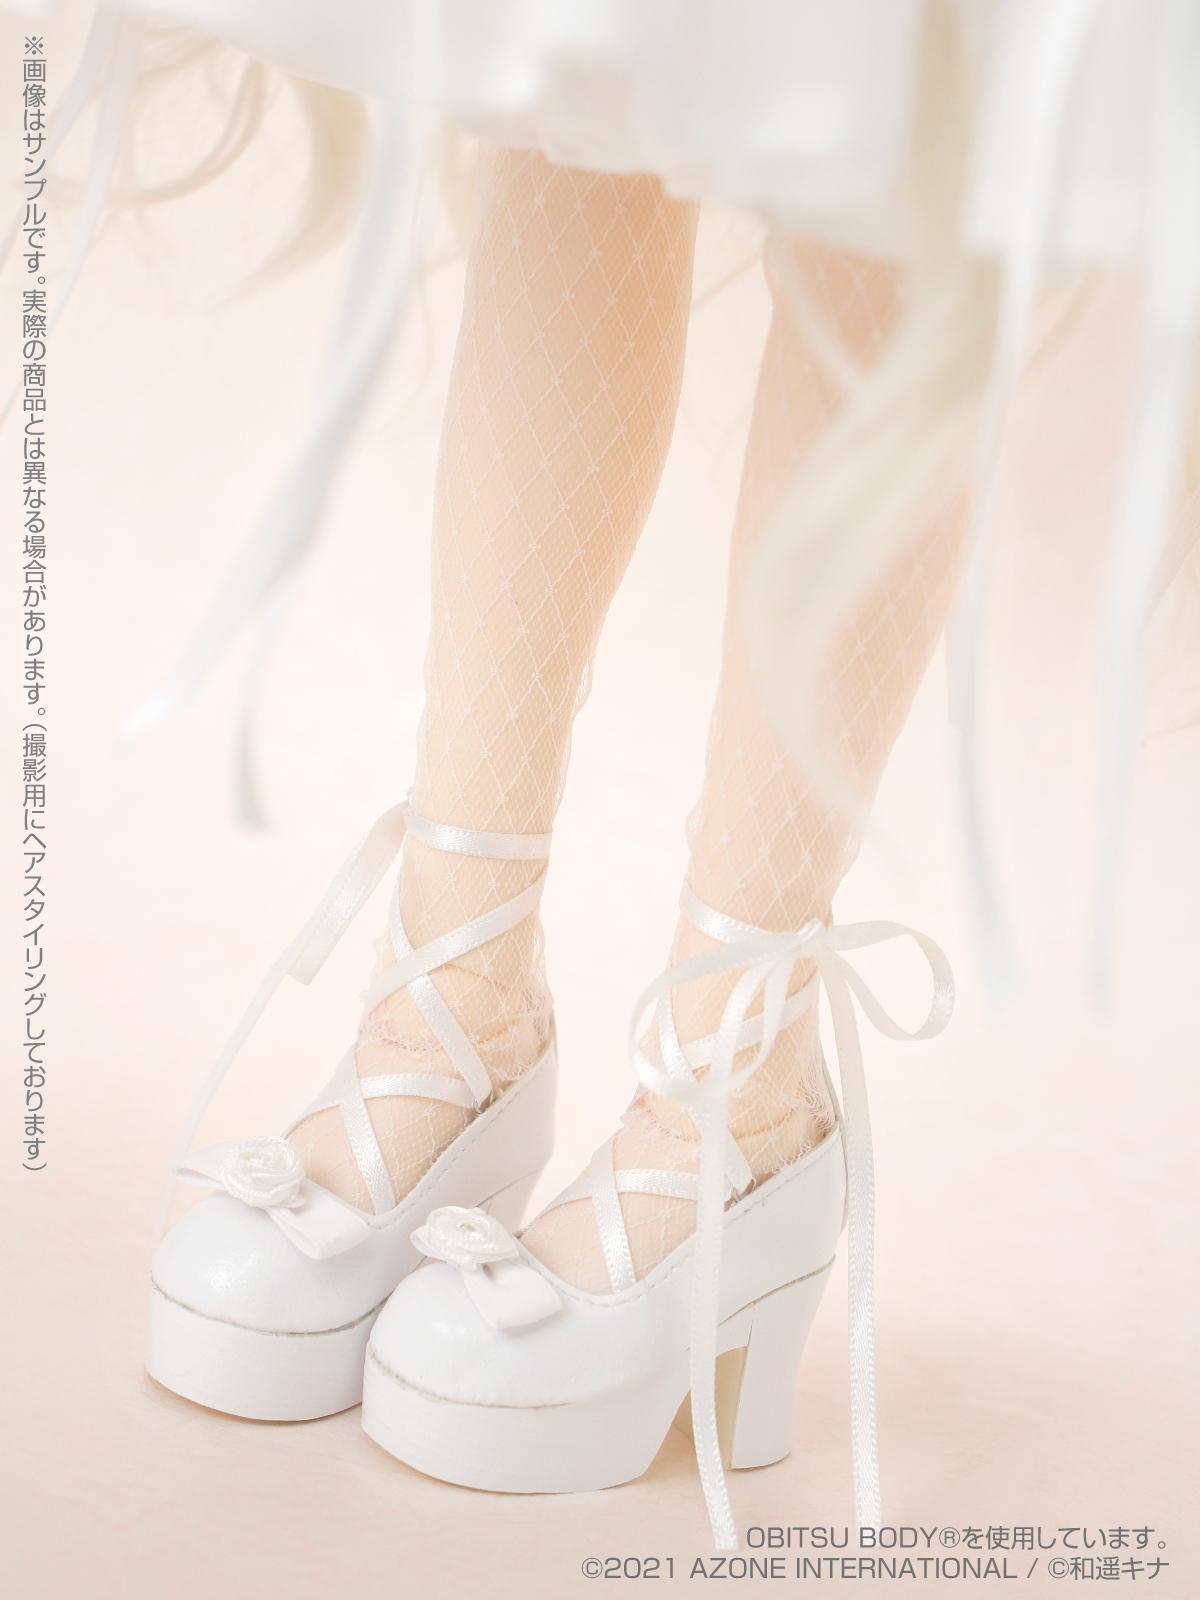 Iris Collect アイリス コレクト Kina's Fantasy Romances『ミレーネ ~ルミランジュ家の天使~』1/3 完成品ドール-015